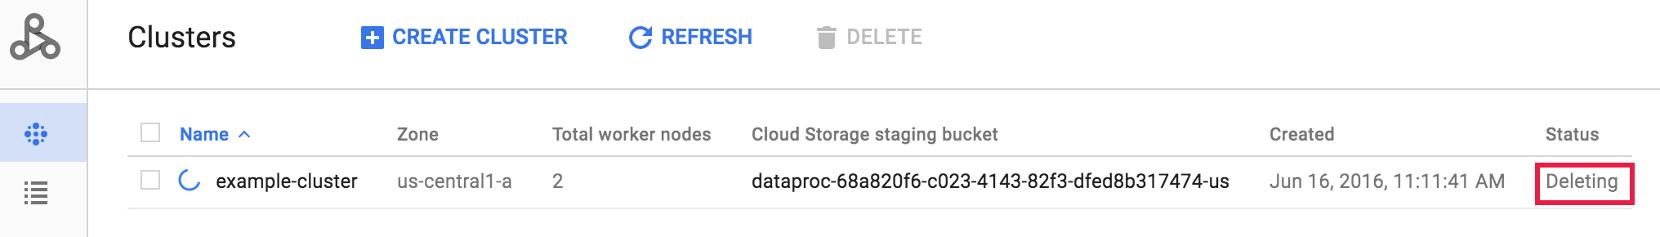 Dataproc の [クラスタ] ページで、クラスタが削除されたことを確認します。